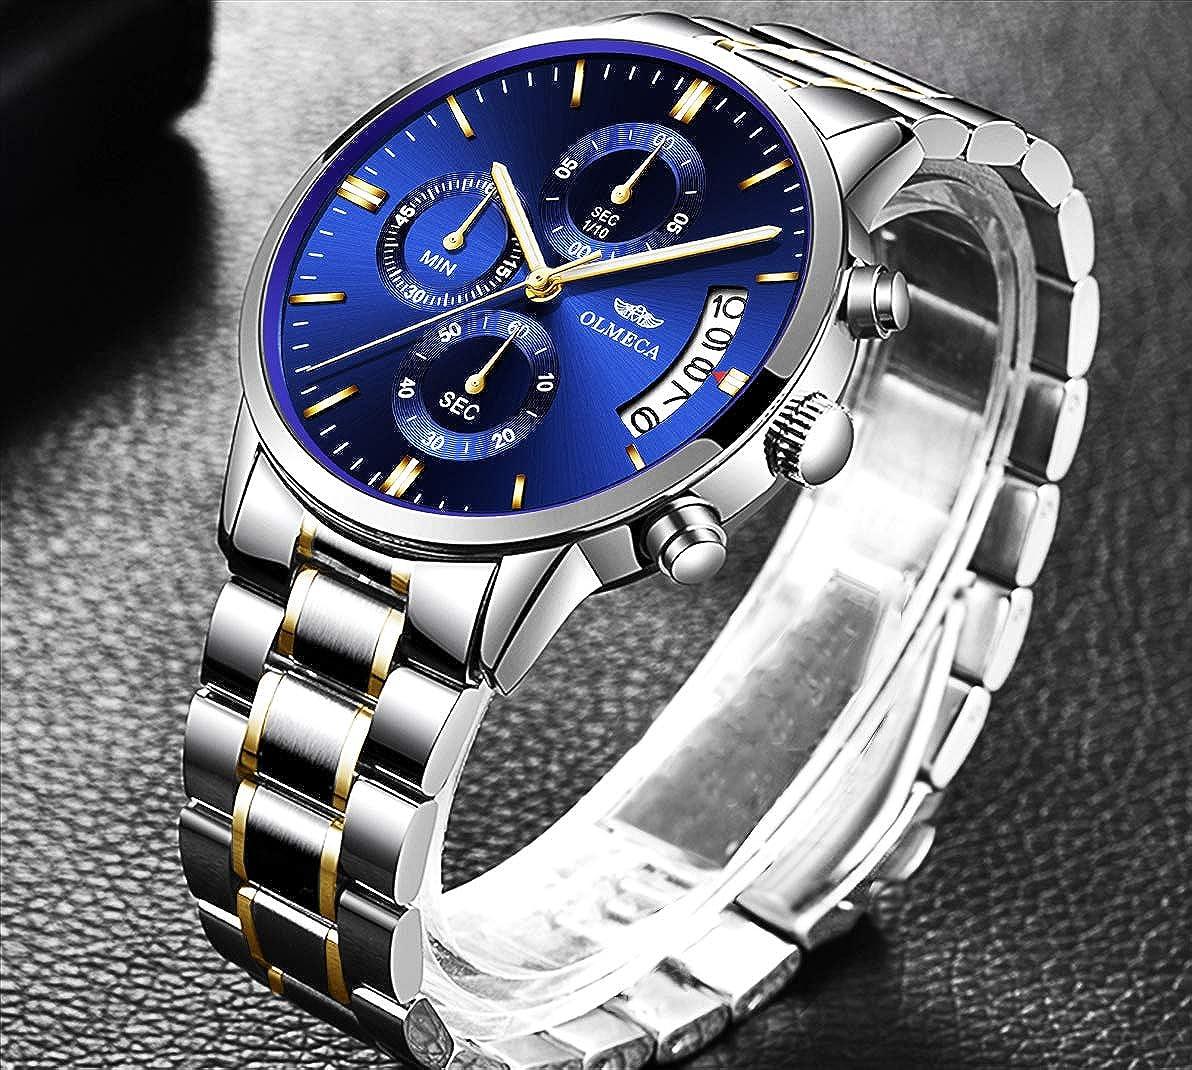 Amazon.com: OLMECA Mens Watches Luxury Wristwatches Rhinestone Watches Waterproof Fashion Quartz Watches Women Watch Stainless Steel Watch 0869M-JJLMgd: ...